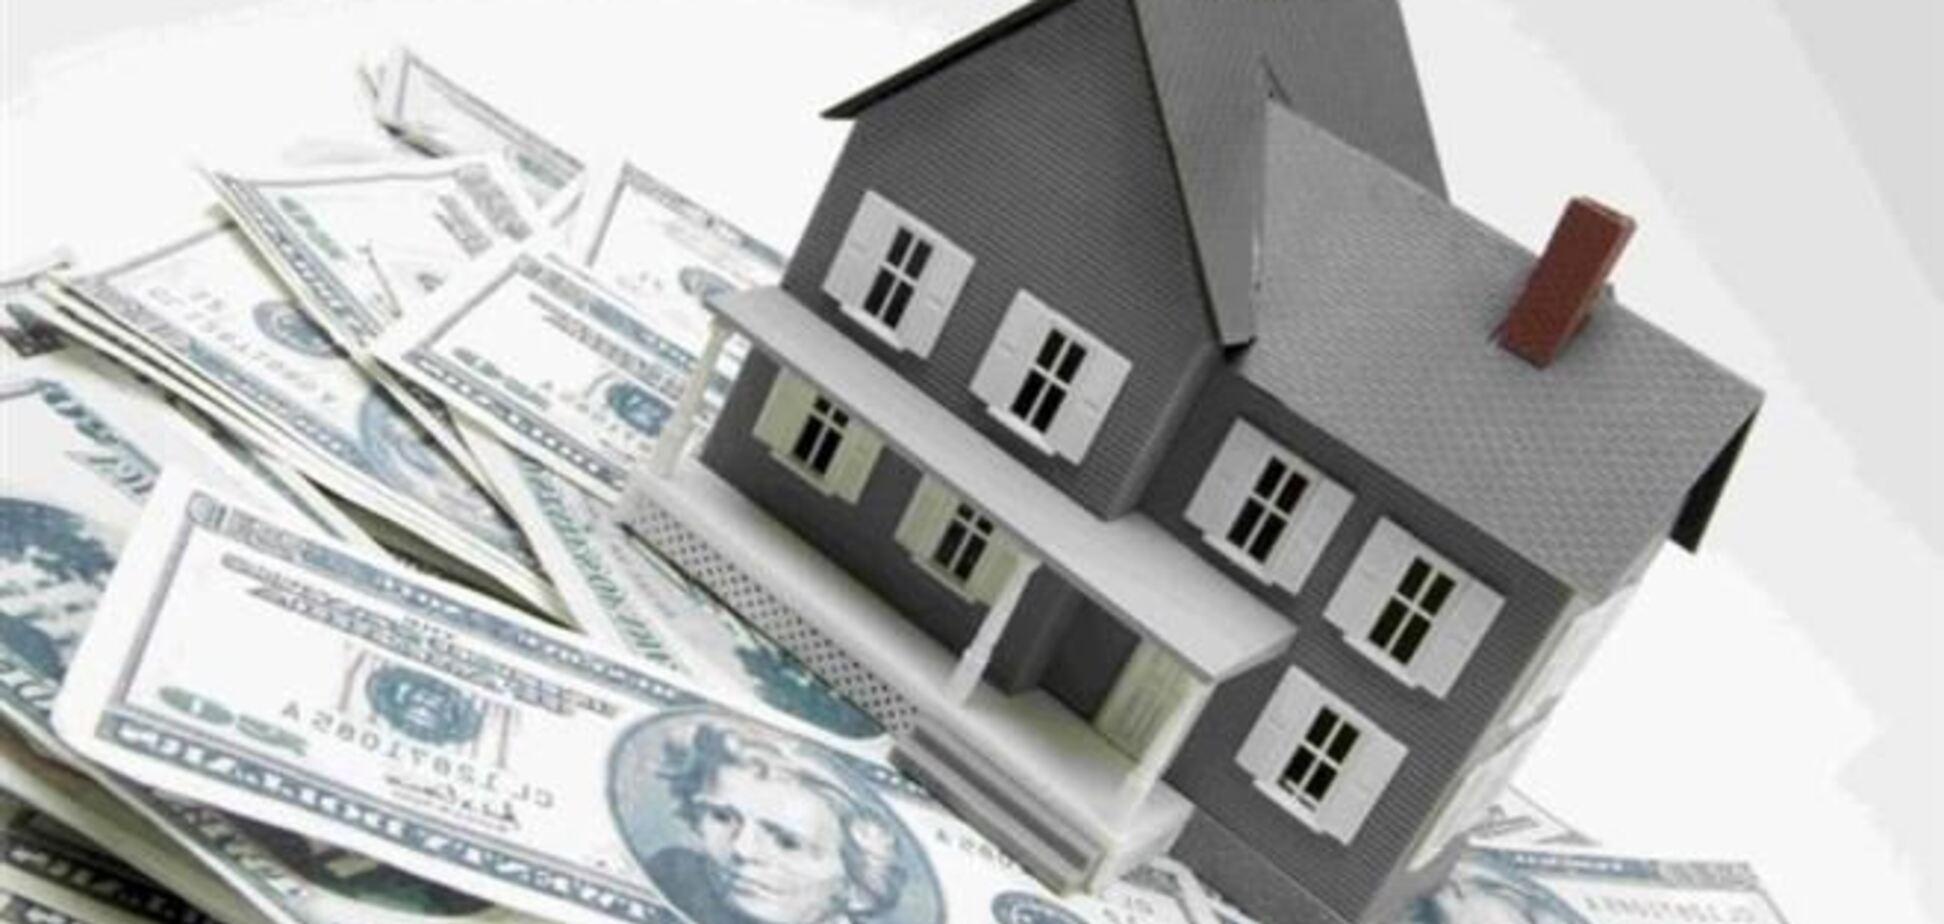 До конца года аренда жилья может вырасти на 10-15% - эксперт